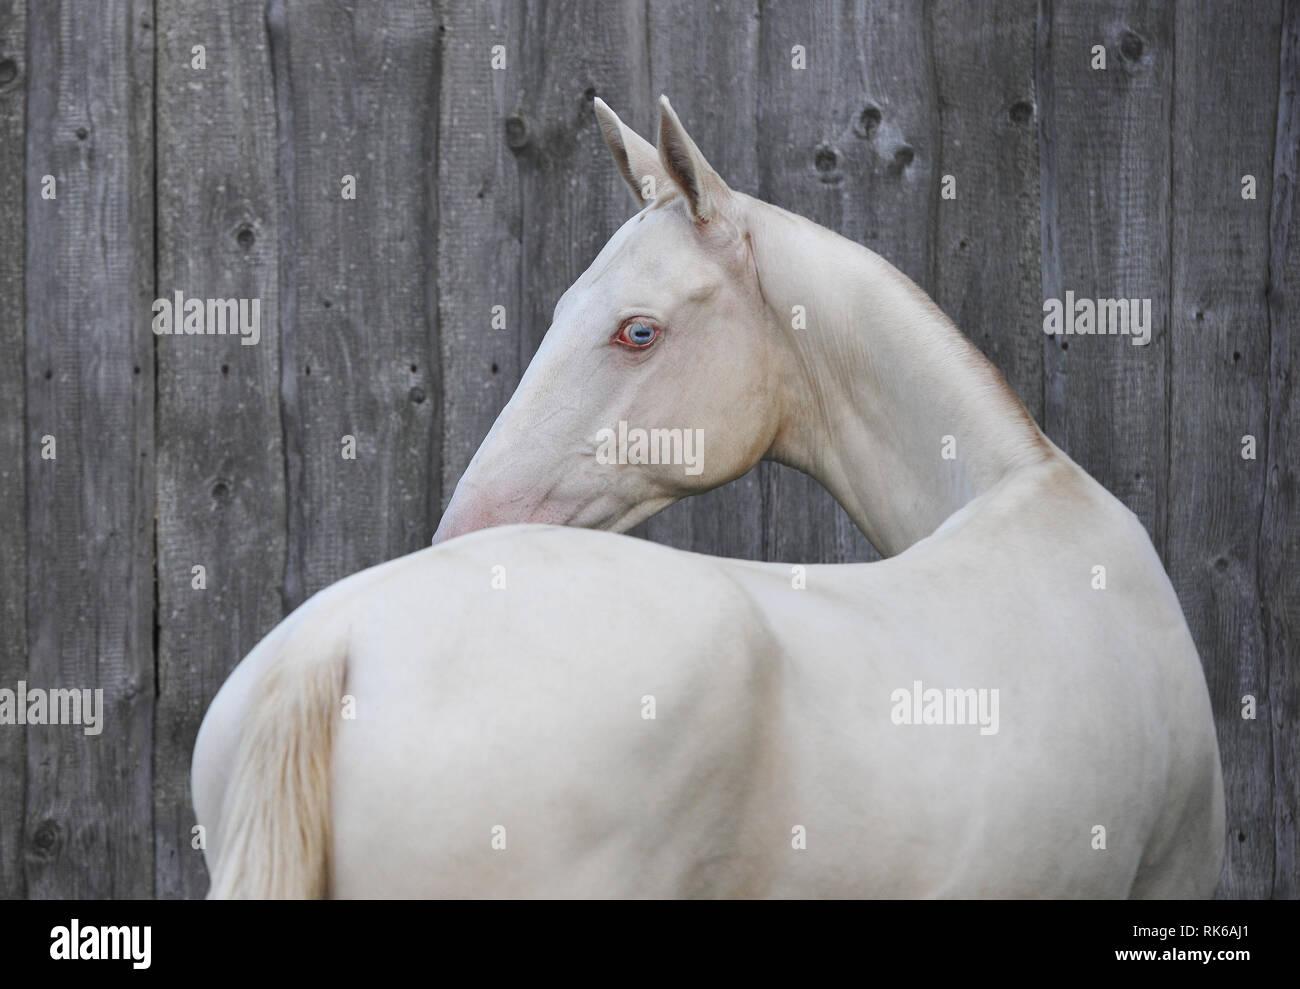 Cremello Akhal-Teke cavallo guardando indietro in piedi accanto al grigio parete in legno Immagini Stock